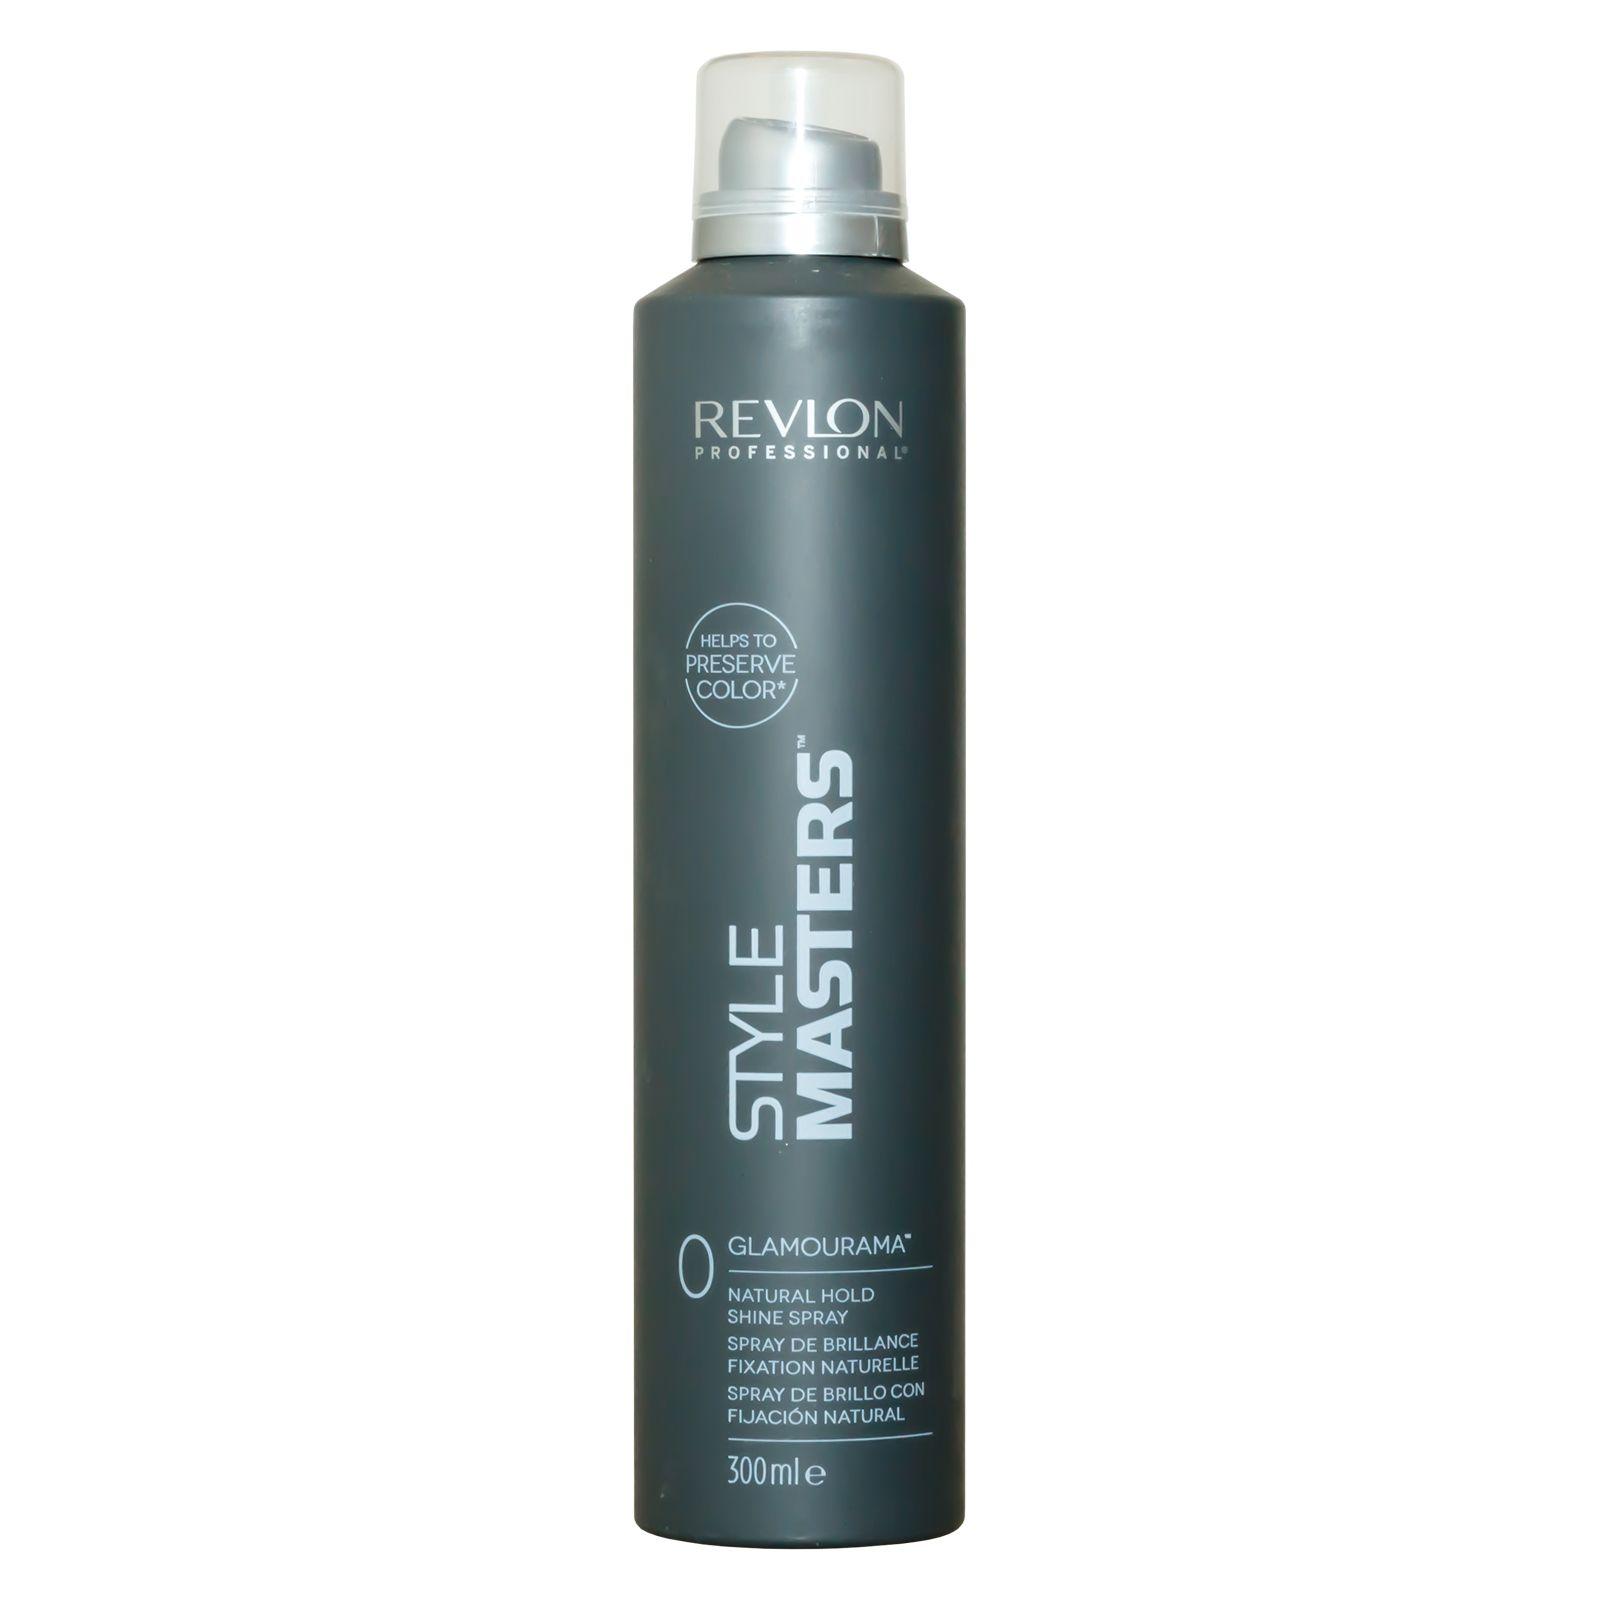 Revlon Professional SM Shine Spray Glamourama - Спрей для блеска 300 мл revlon professional спрей естественная фиксация и ультраблеск 300 мл revlon professional средства для укладки